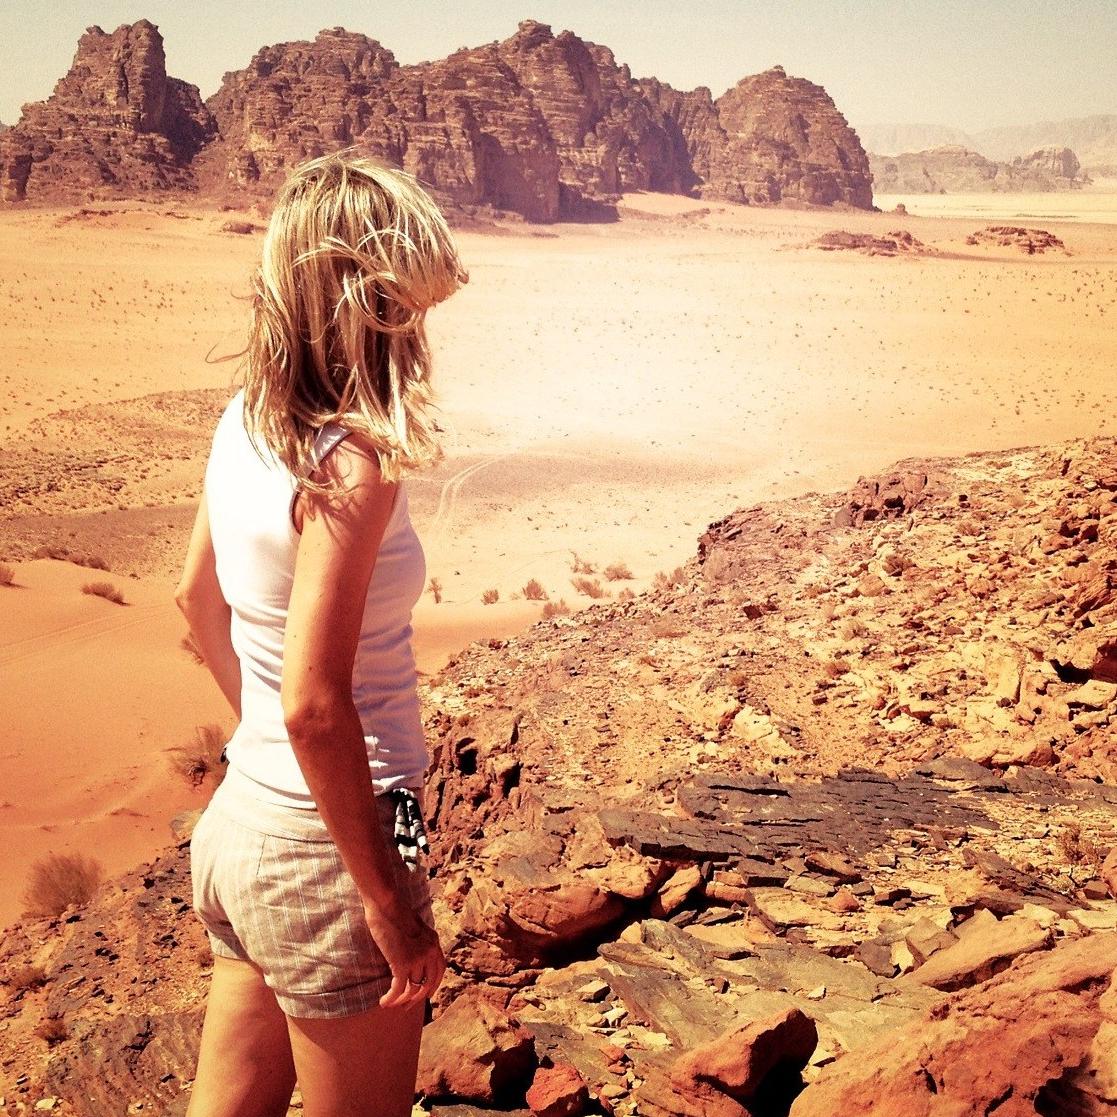 Mommy Mo in the desert